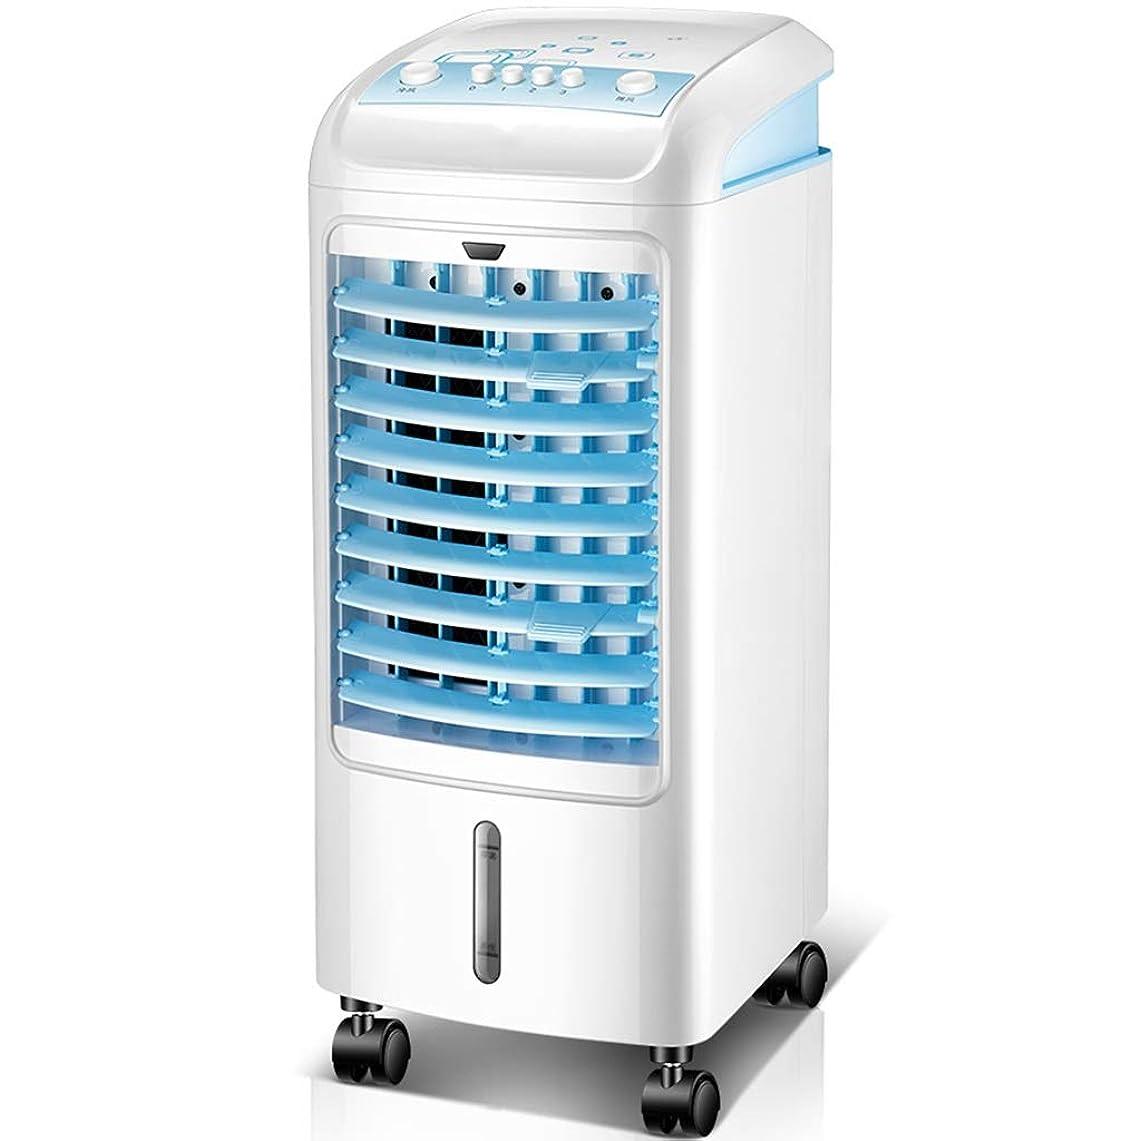 王女面積サッカー大型家電 エアコンファンクーラー シングル冷却ファン 移動式エアコンファン 小型家庭用エアコン 工業用冷凍機 屋外ガーデンヘアドライヤー (Color : 白, Size : 25*25*62cm)